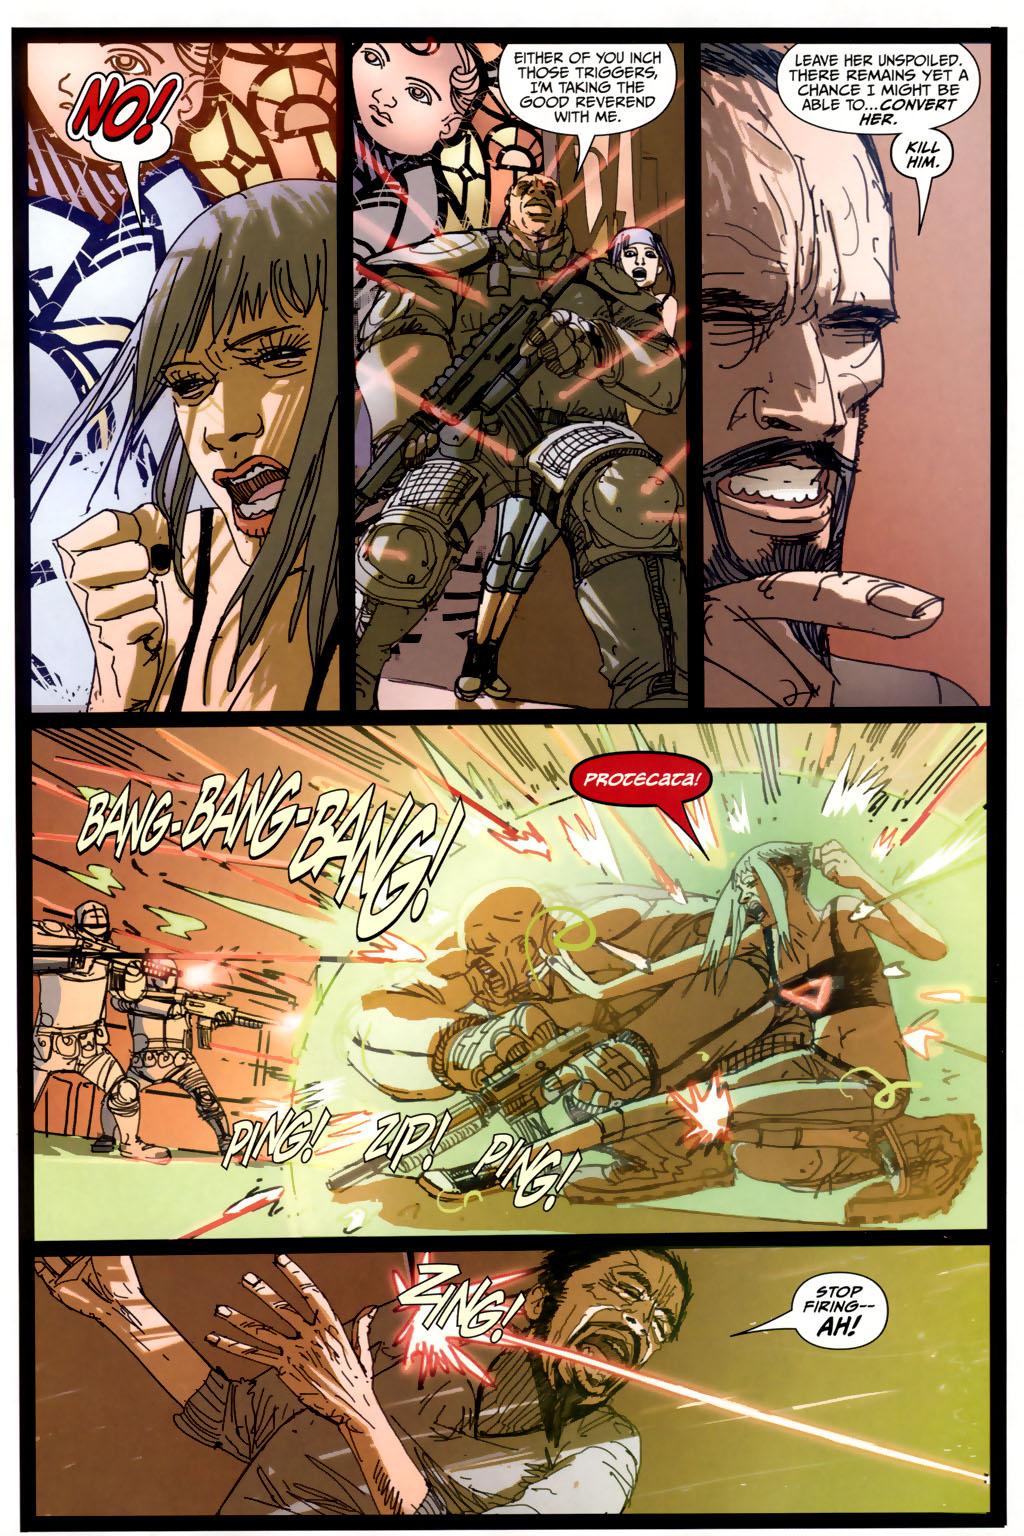 Read online Strange Girl comic -  Issue #6 - 19